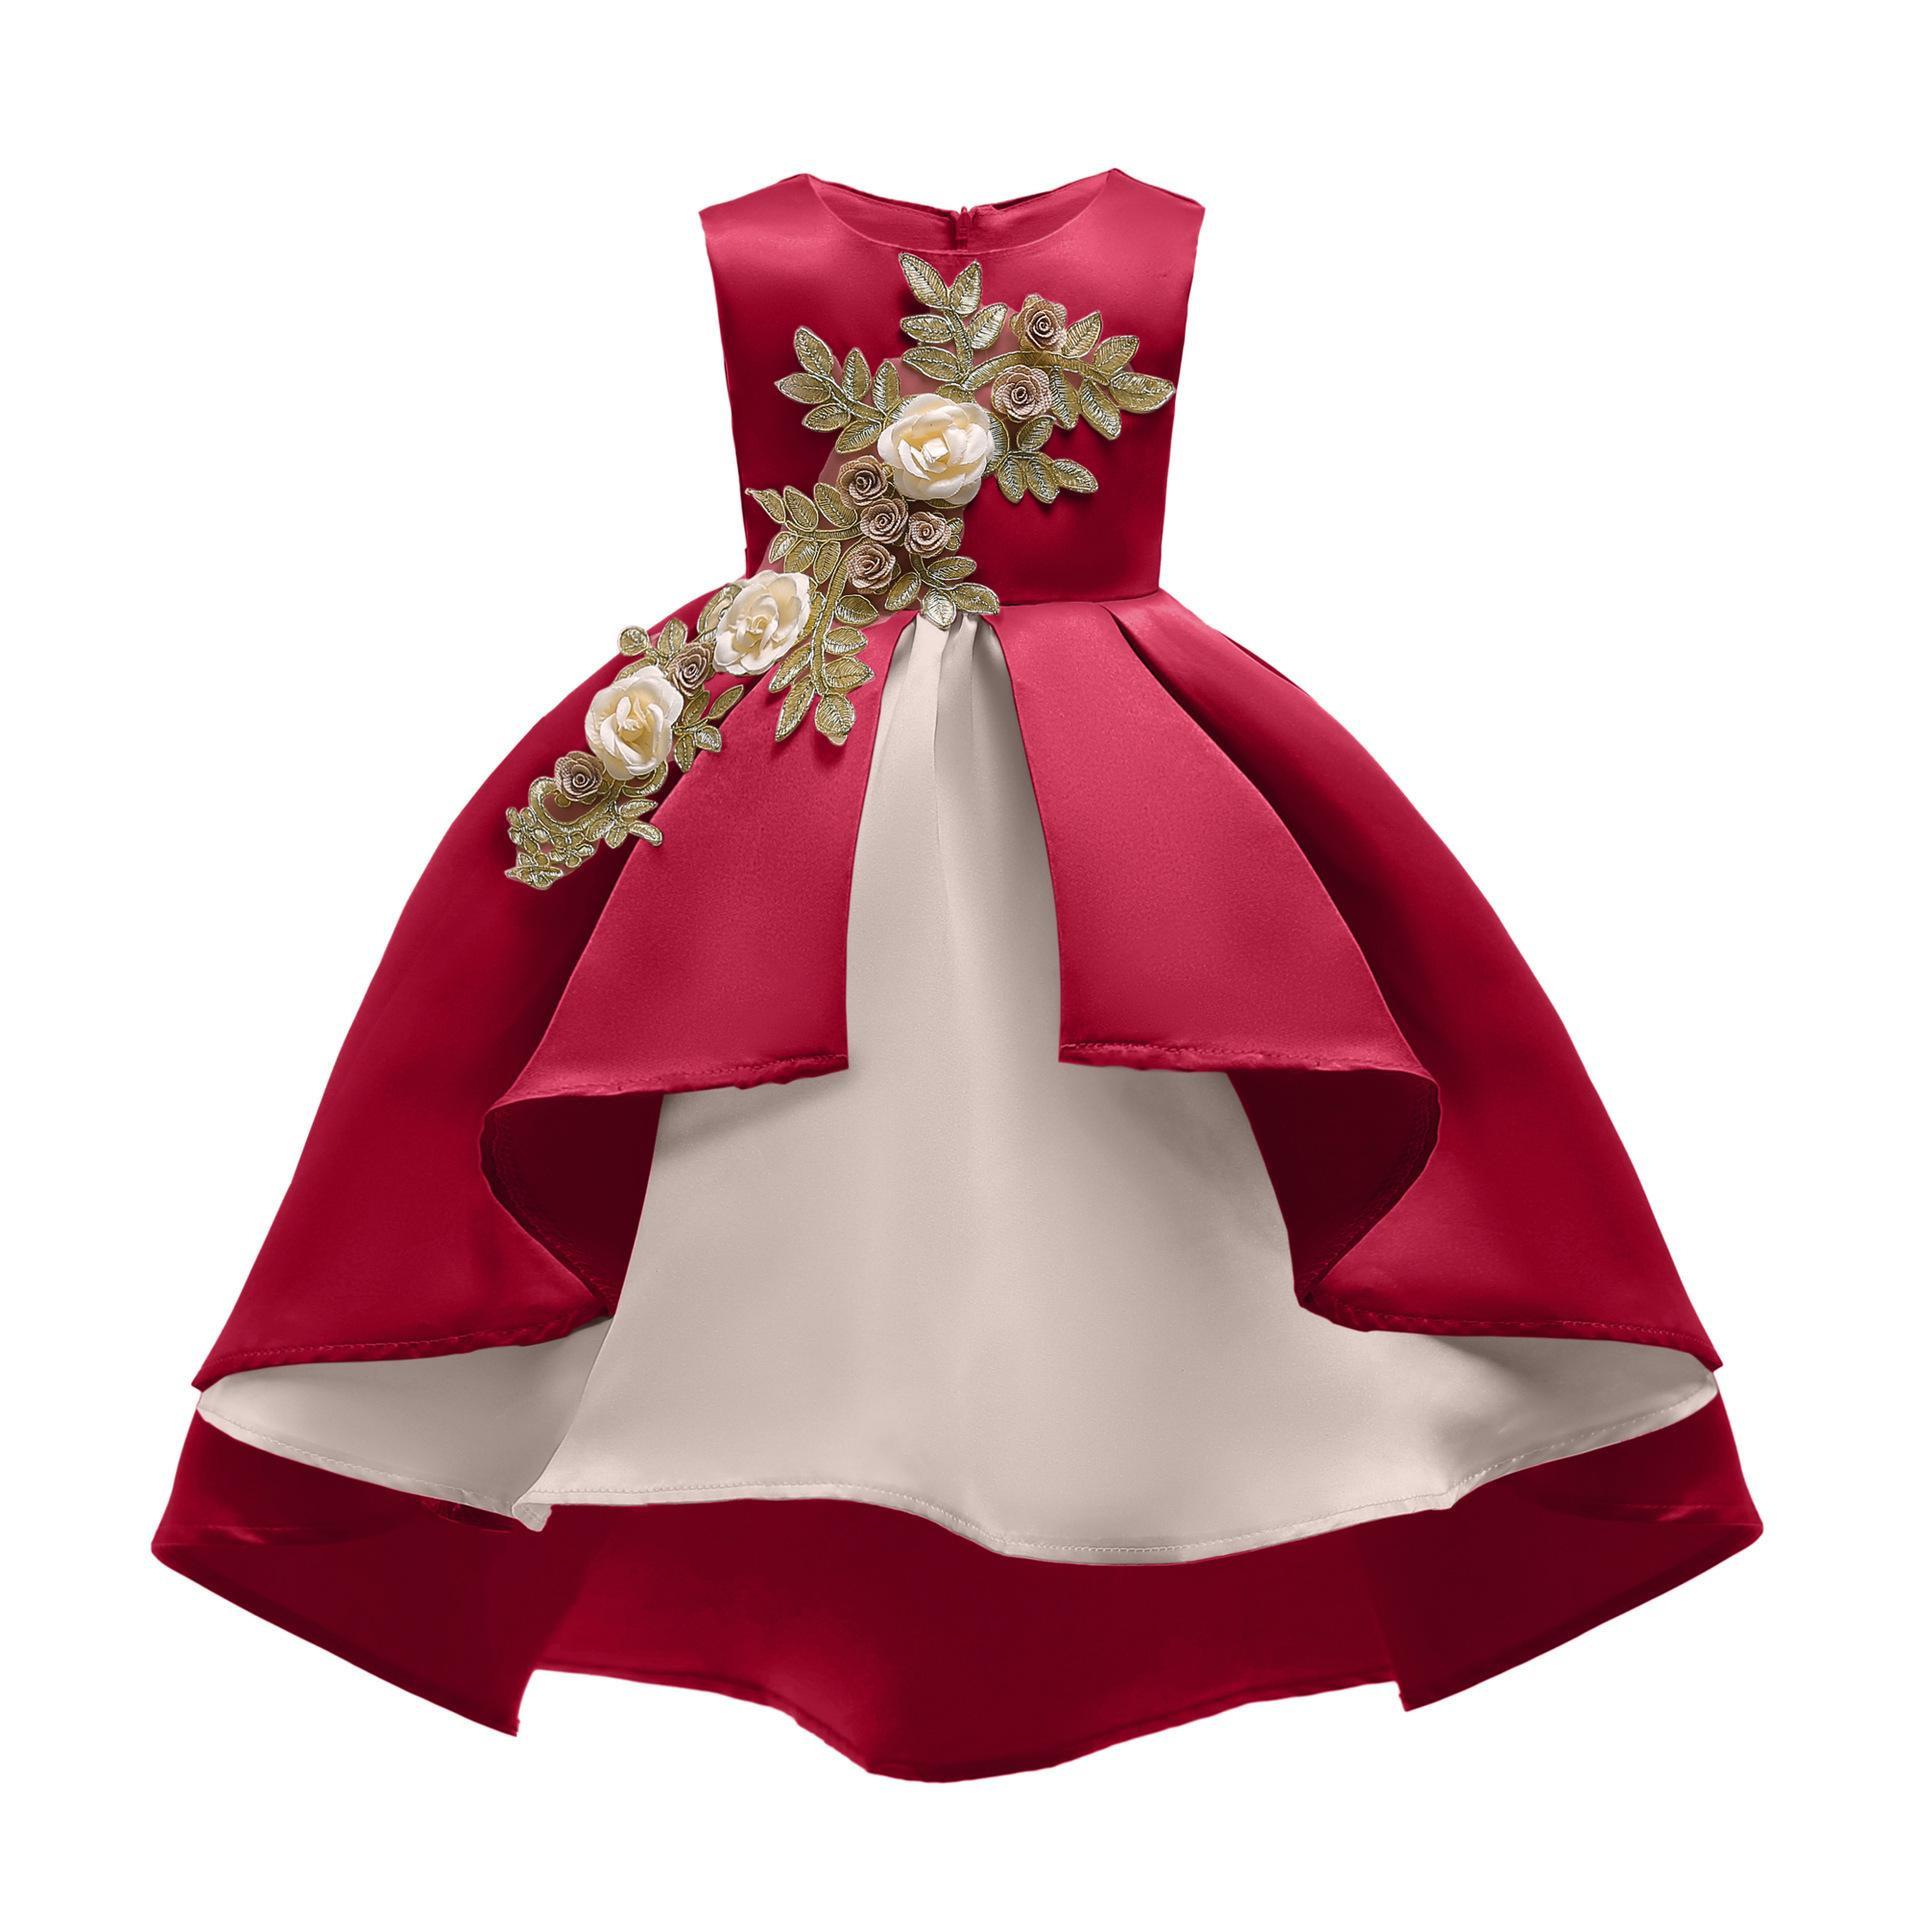 Luxus Kinder Abendkleid Design Schön Kinder Abendkleid Galerie